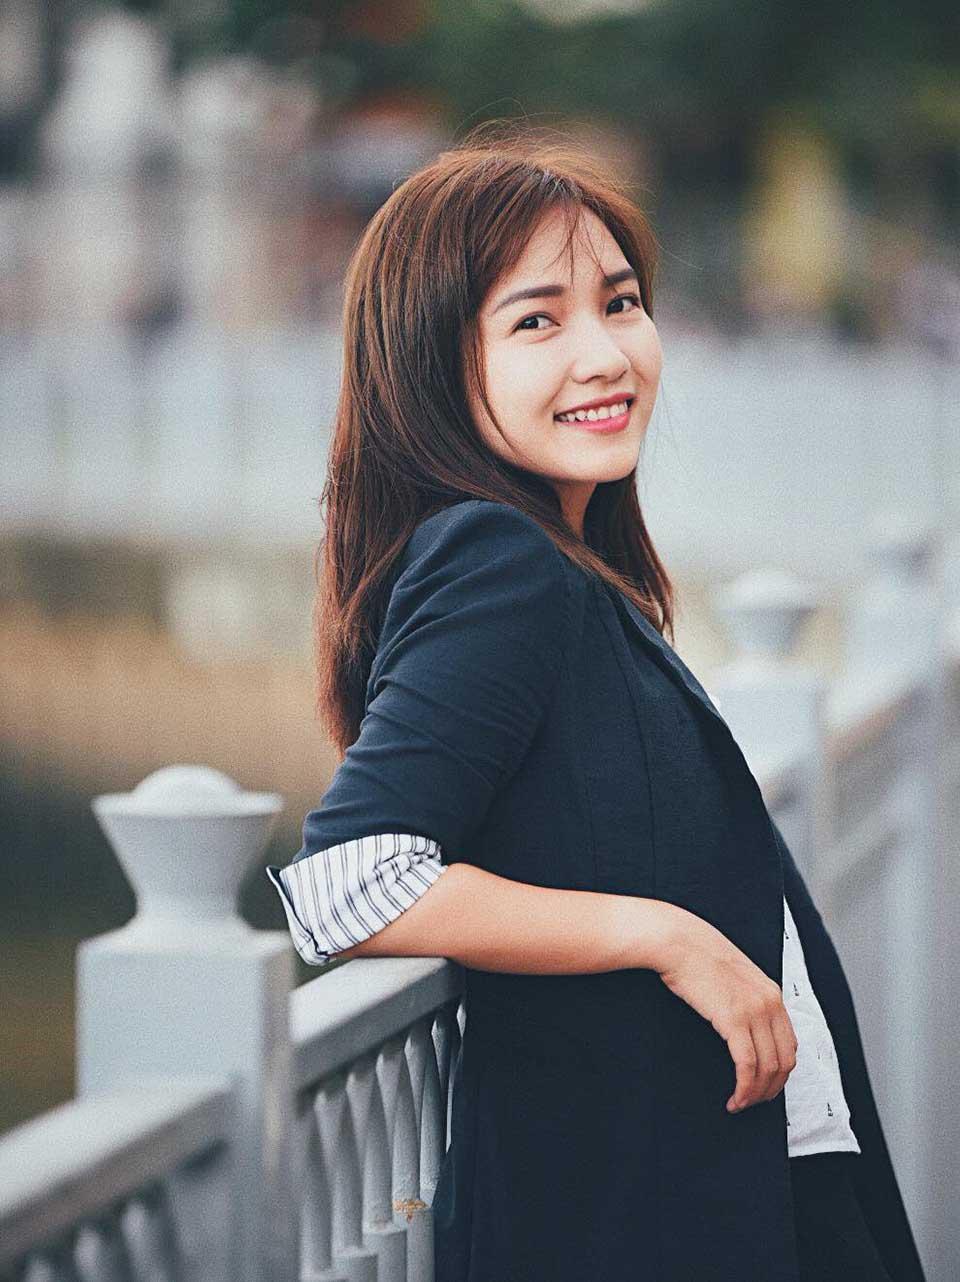 Chân dung cô gái xinh đẹp, kín tiếng sắp làm vợ rapper Đinh Tiến Đạt - 6